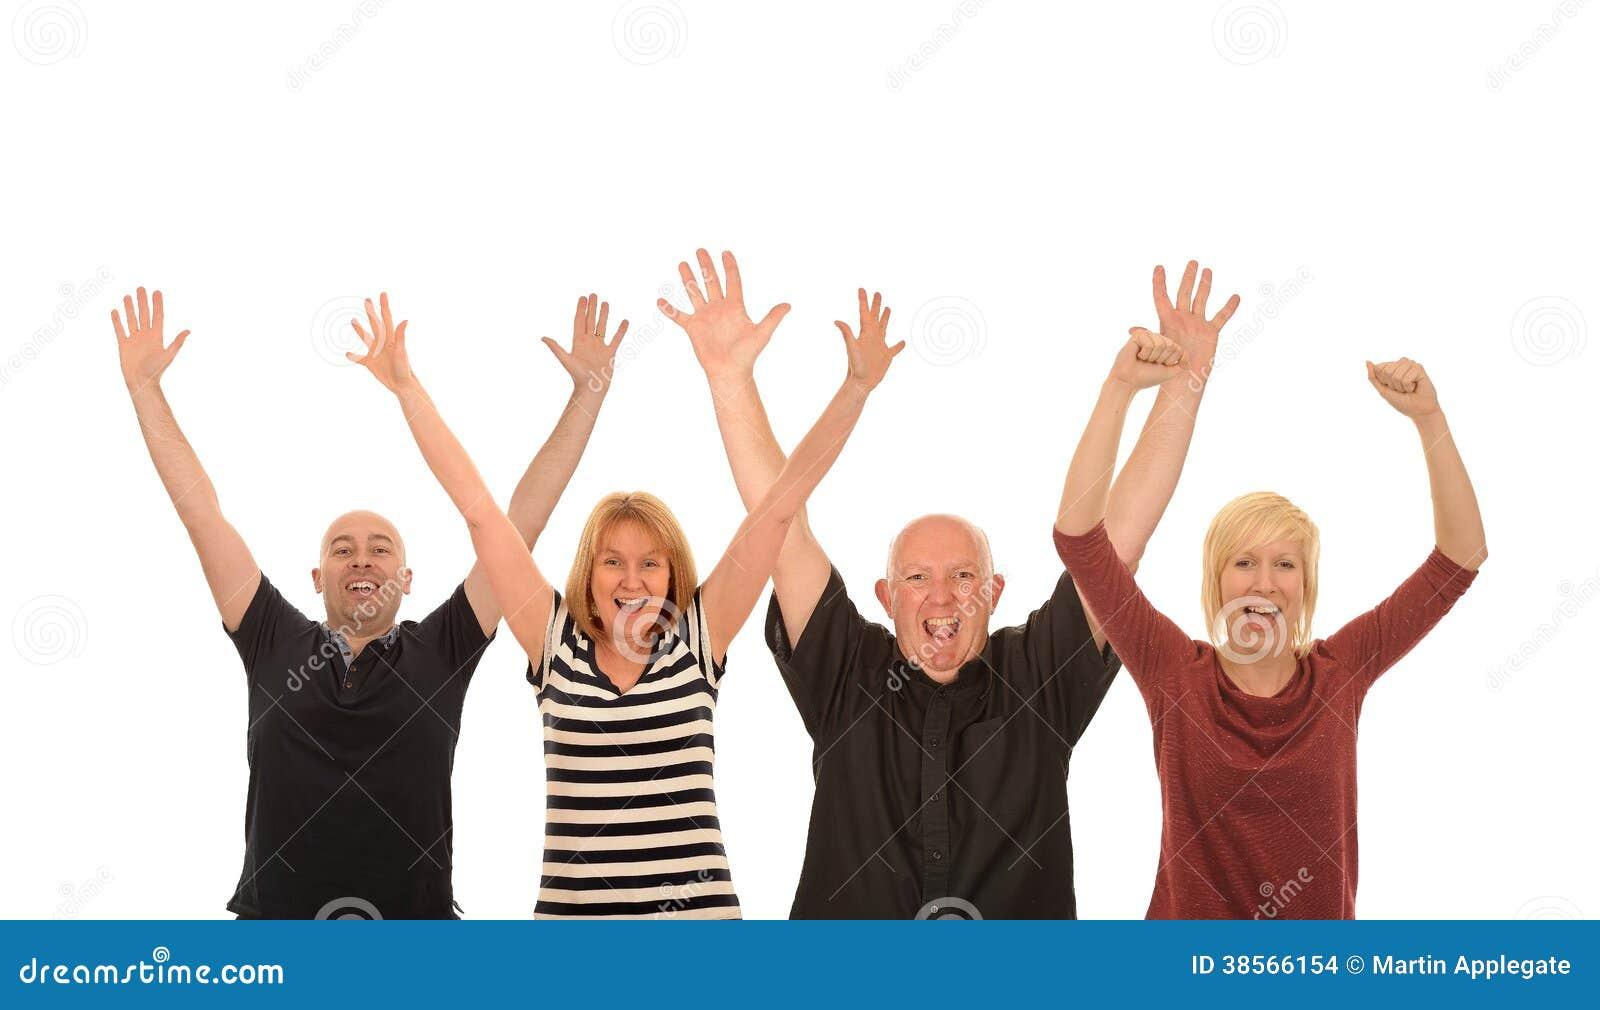 Τέσσερις ευτυχείς άνθρωποι που αυξάνουν τα όπλα στον αέρα